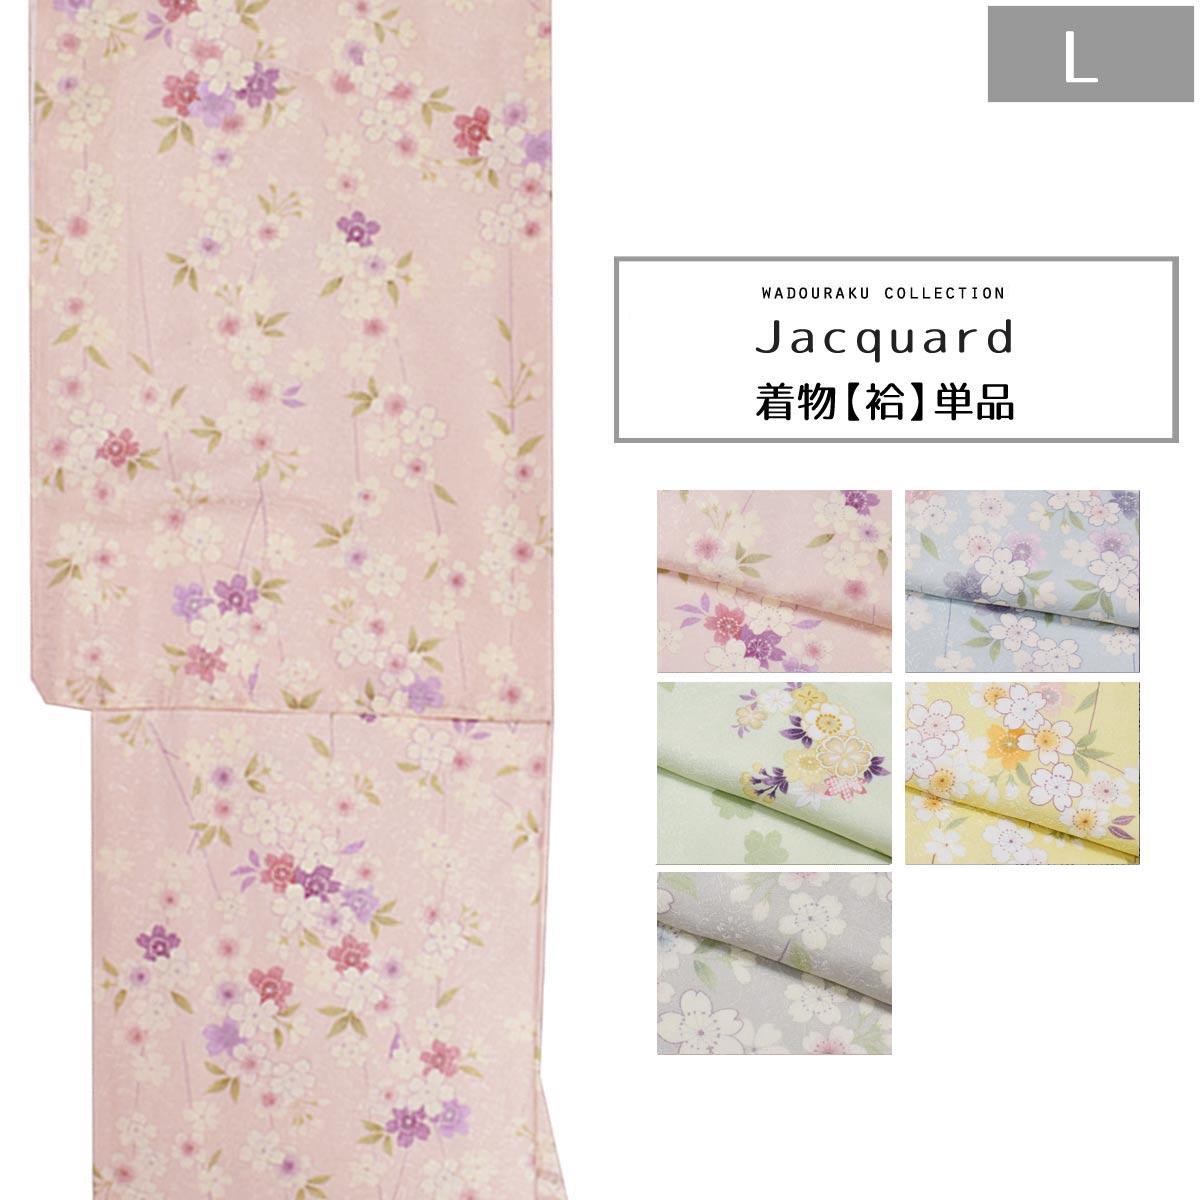 お洒落 洗える着物 グリーン Lサイズ普段着 ブルー 単品 ジャガード 袷 ピンク イエロー番号g121-300